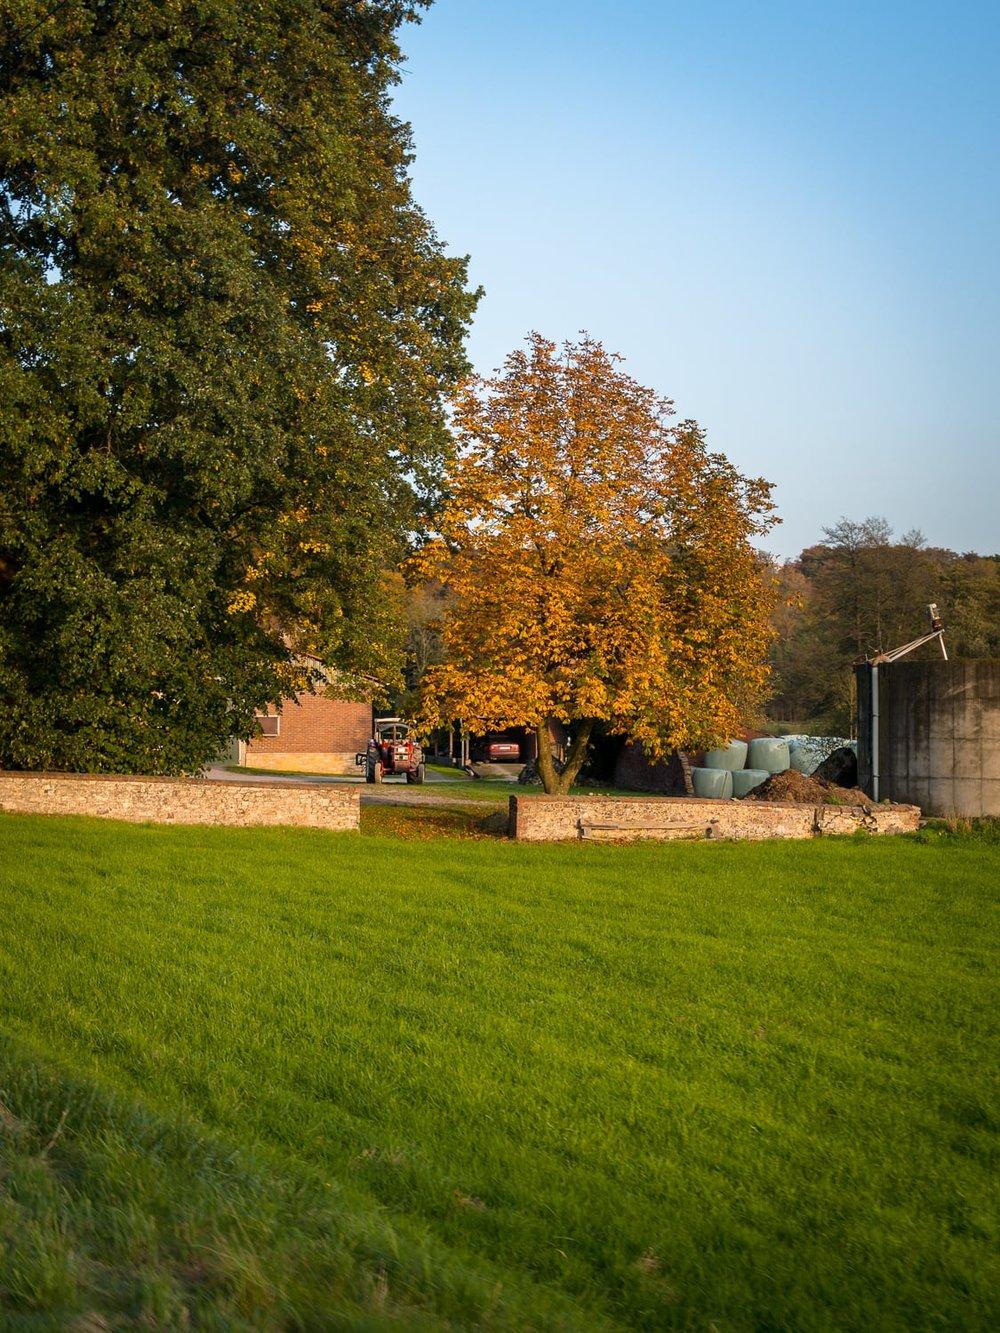 Herbstgold - Autumn Trees Leaves Bäume Blätter Herbst Gold Licht - 1737.jpg